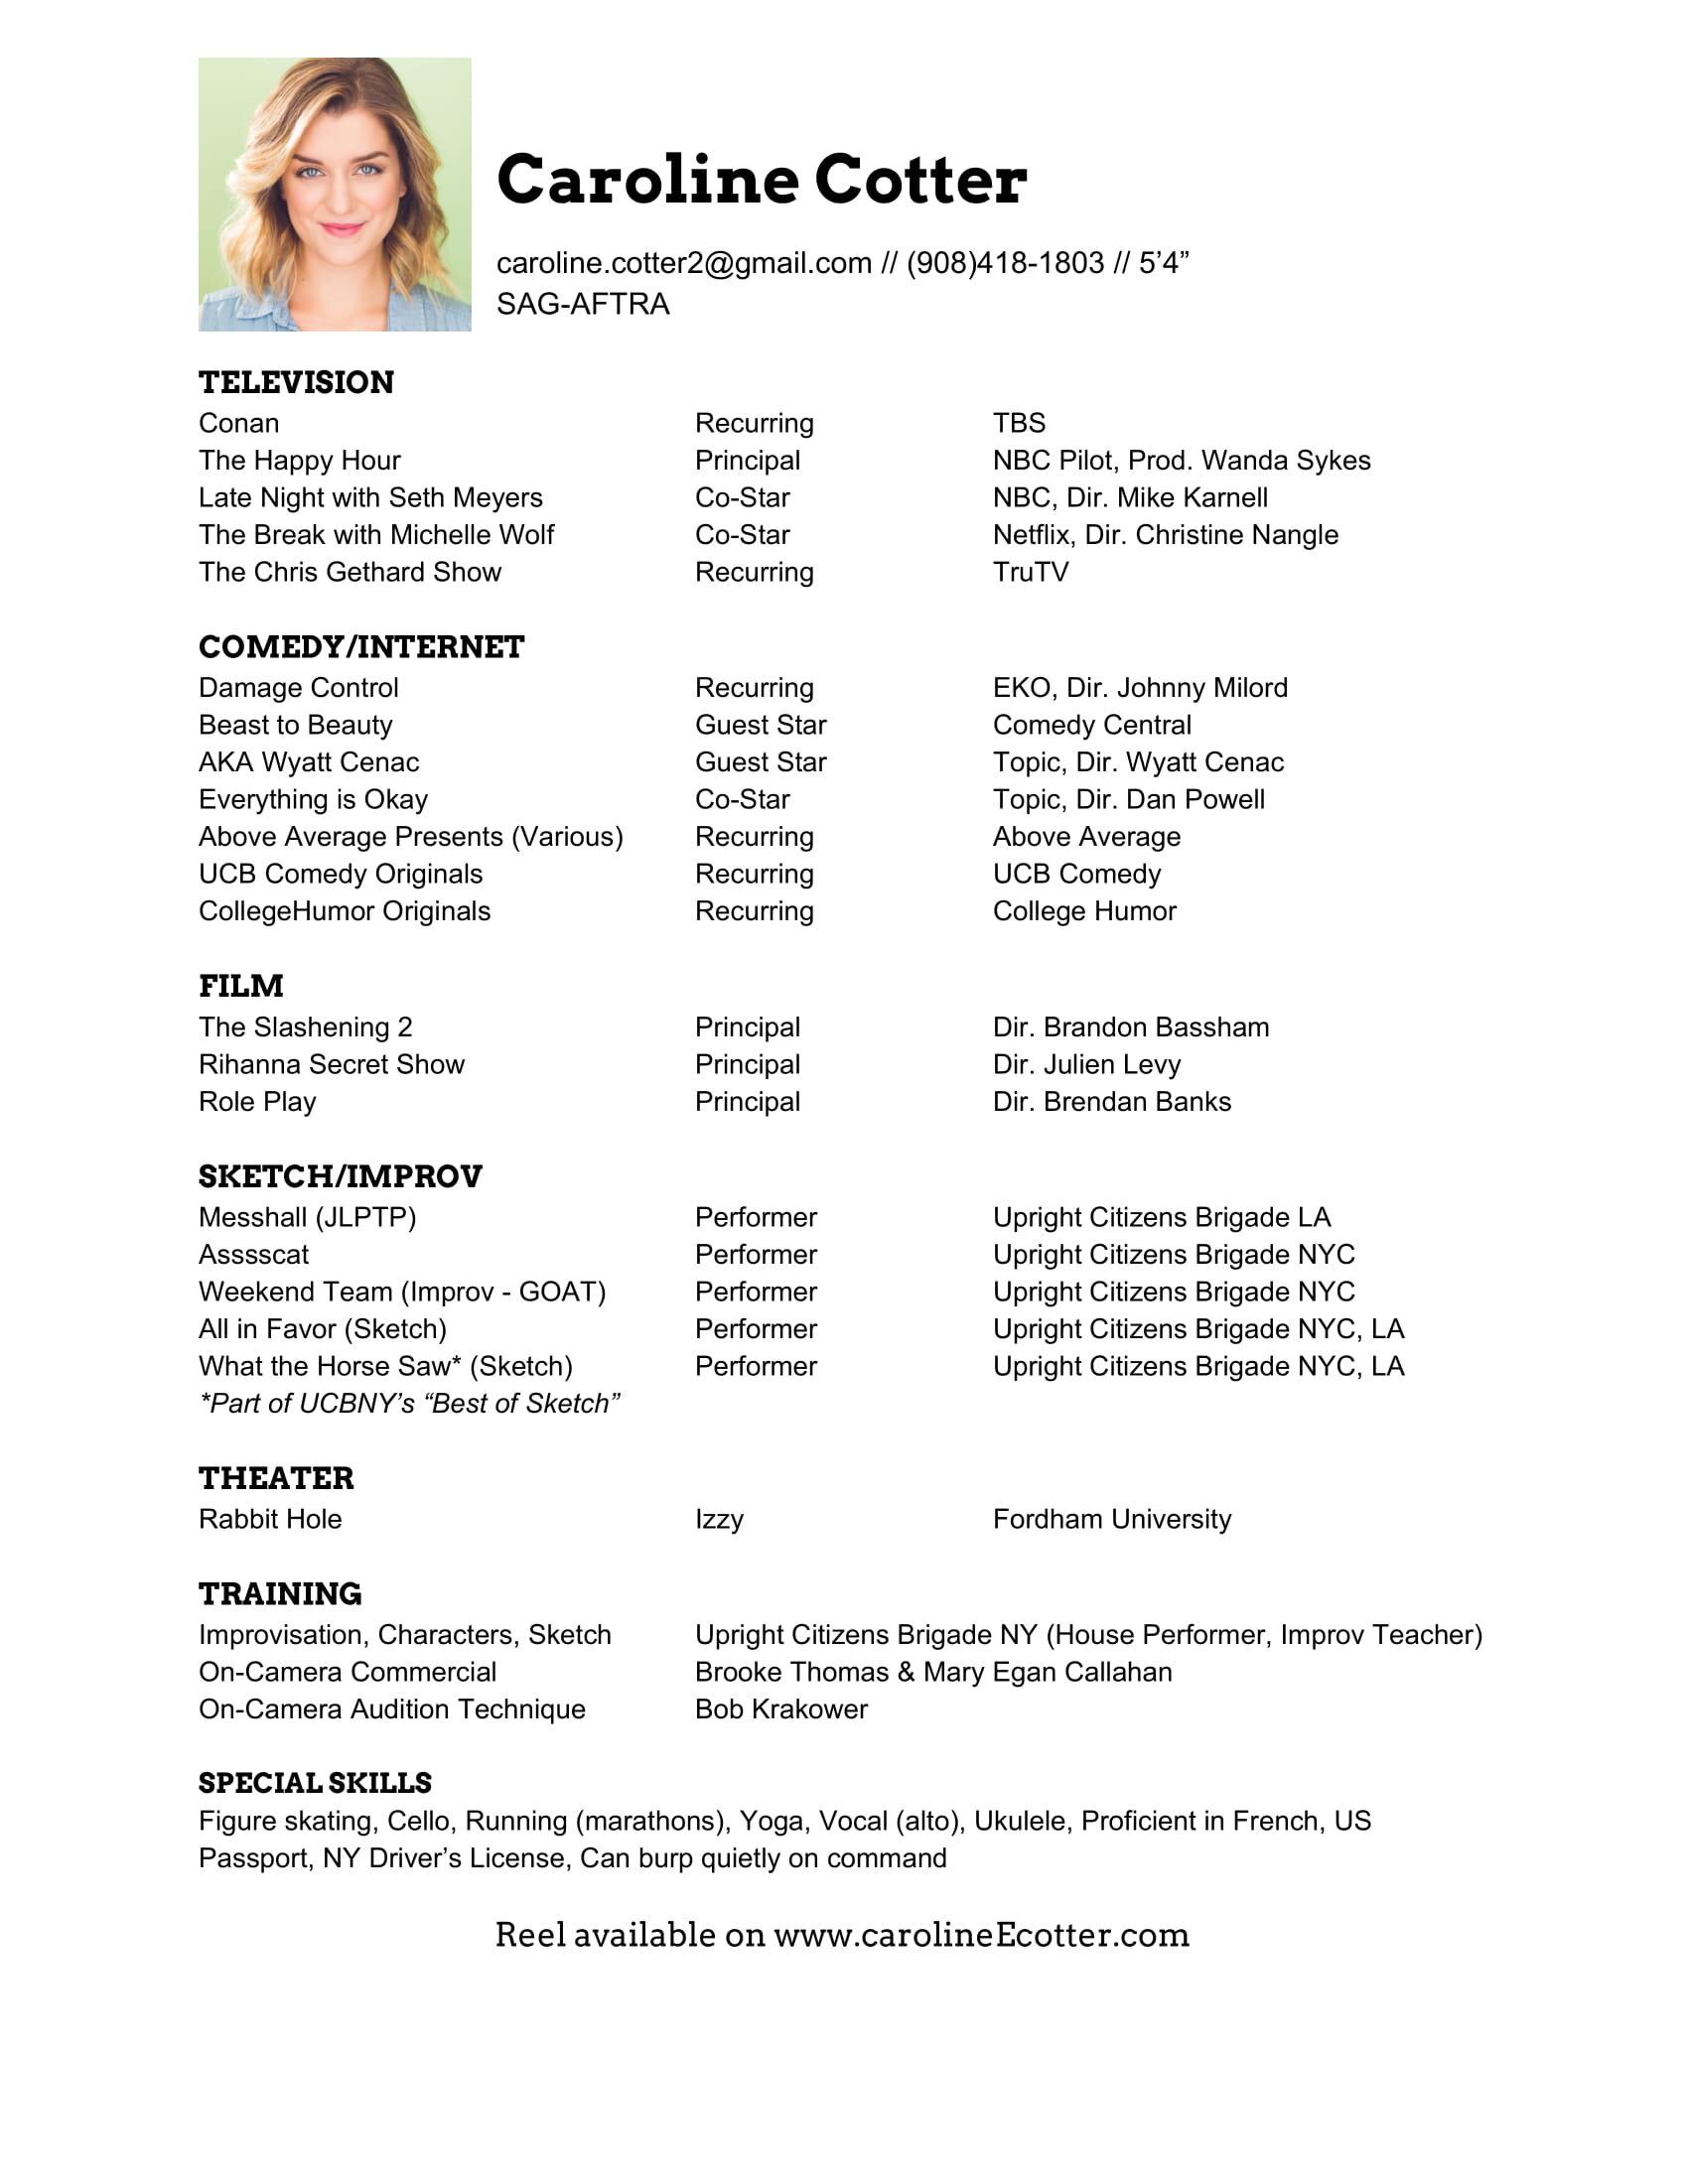 Resume Caroline Cotter